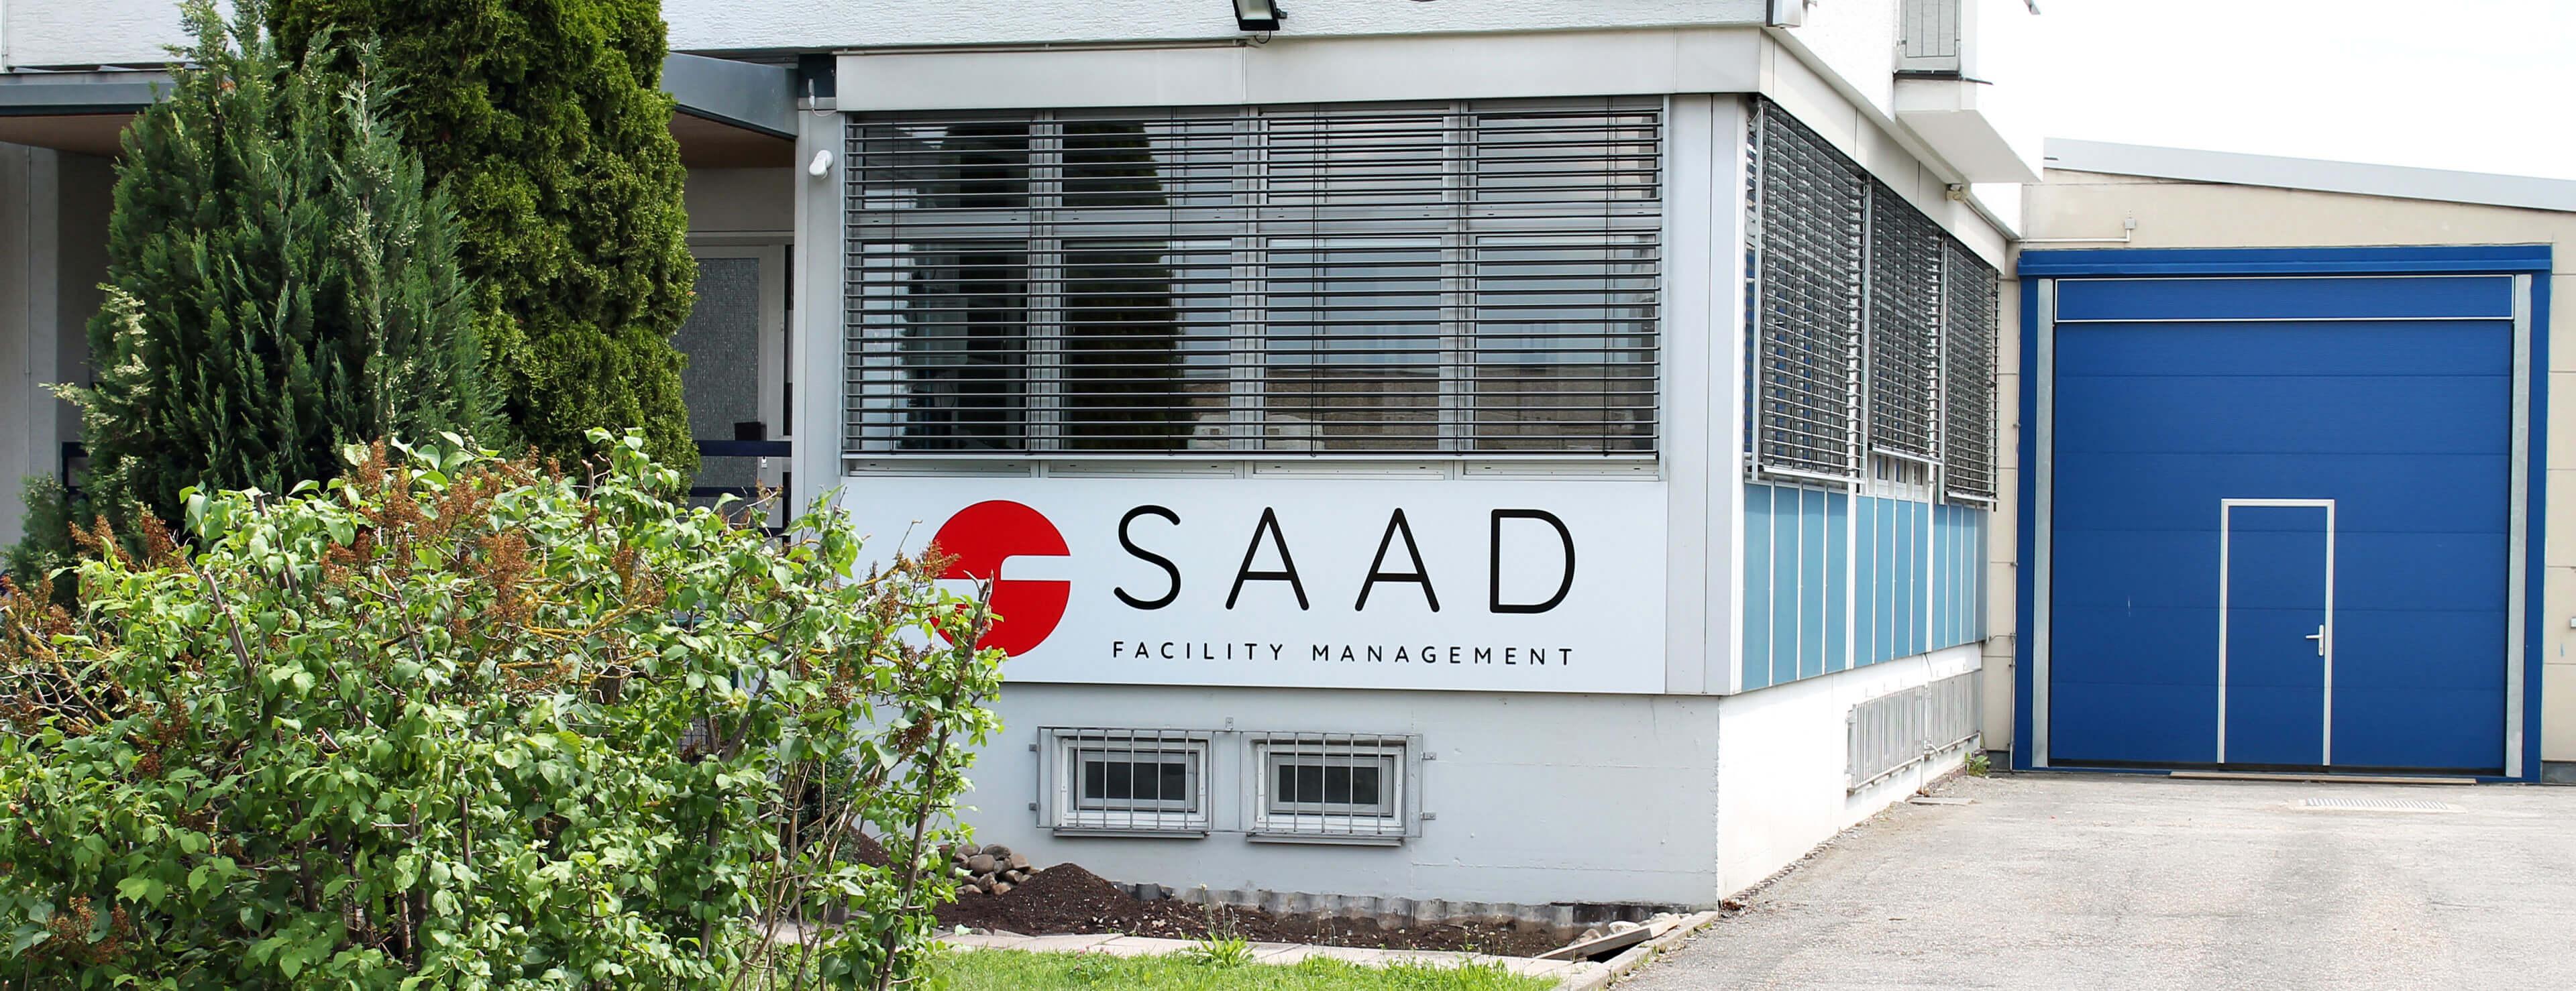 Ansicht des SAAD Facility Management Standorts von außen